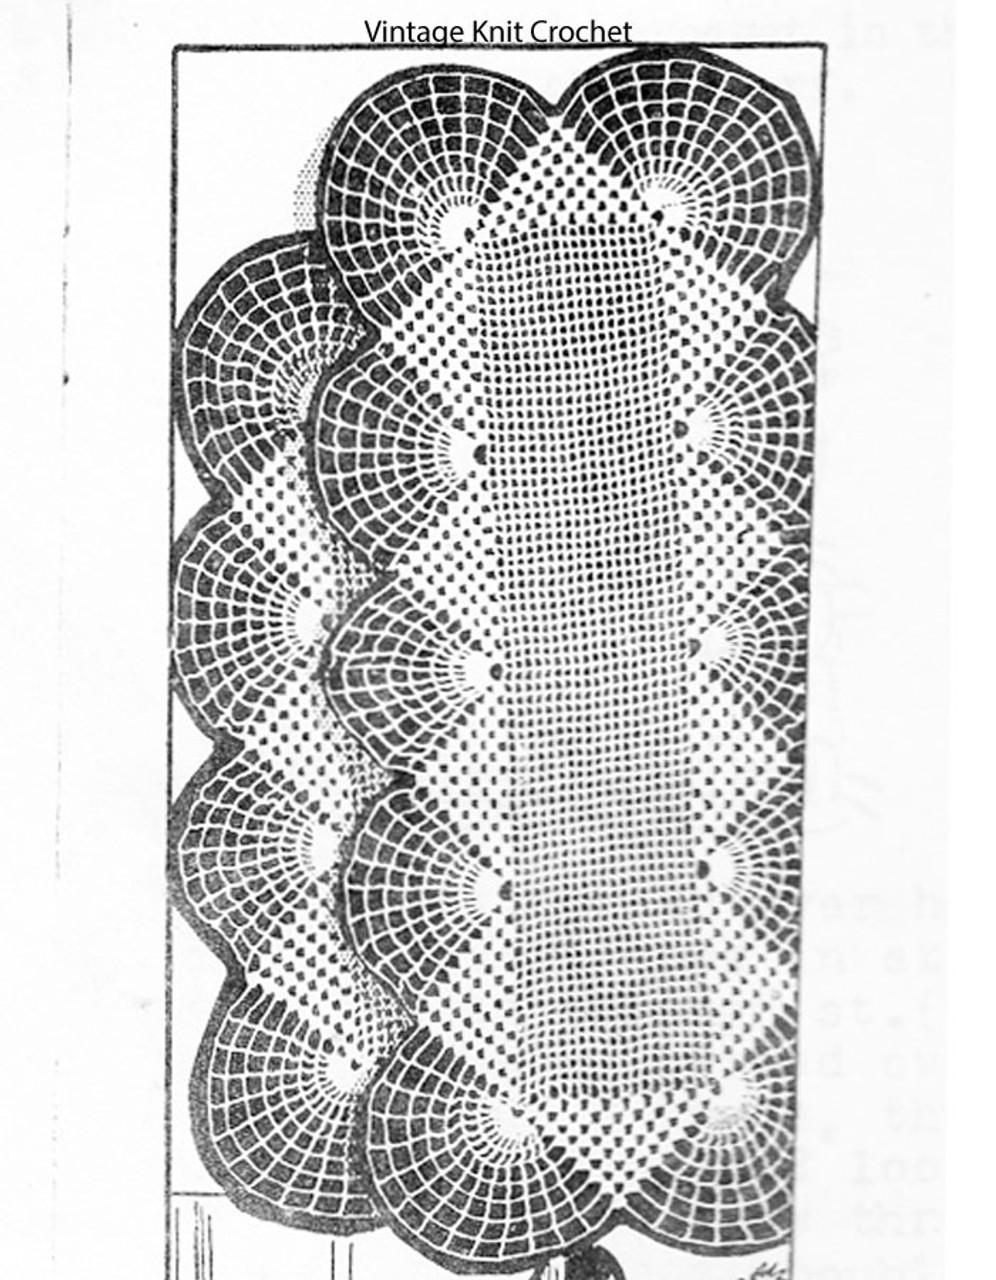 Crocheted Double Fan Scarf Pattern, Needlework Bureau E-1180